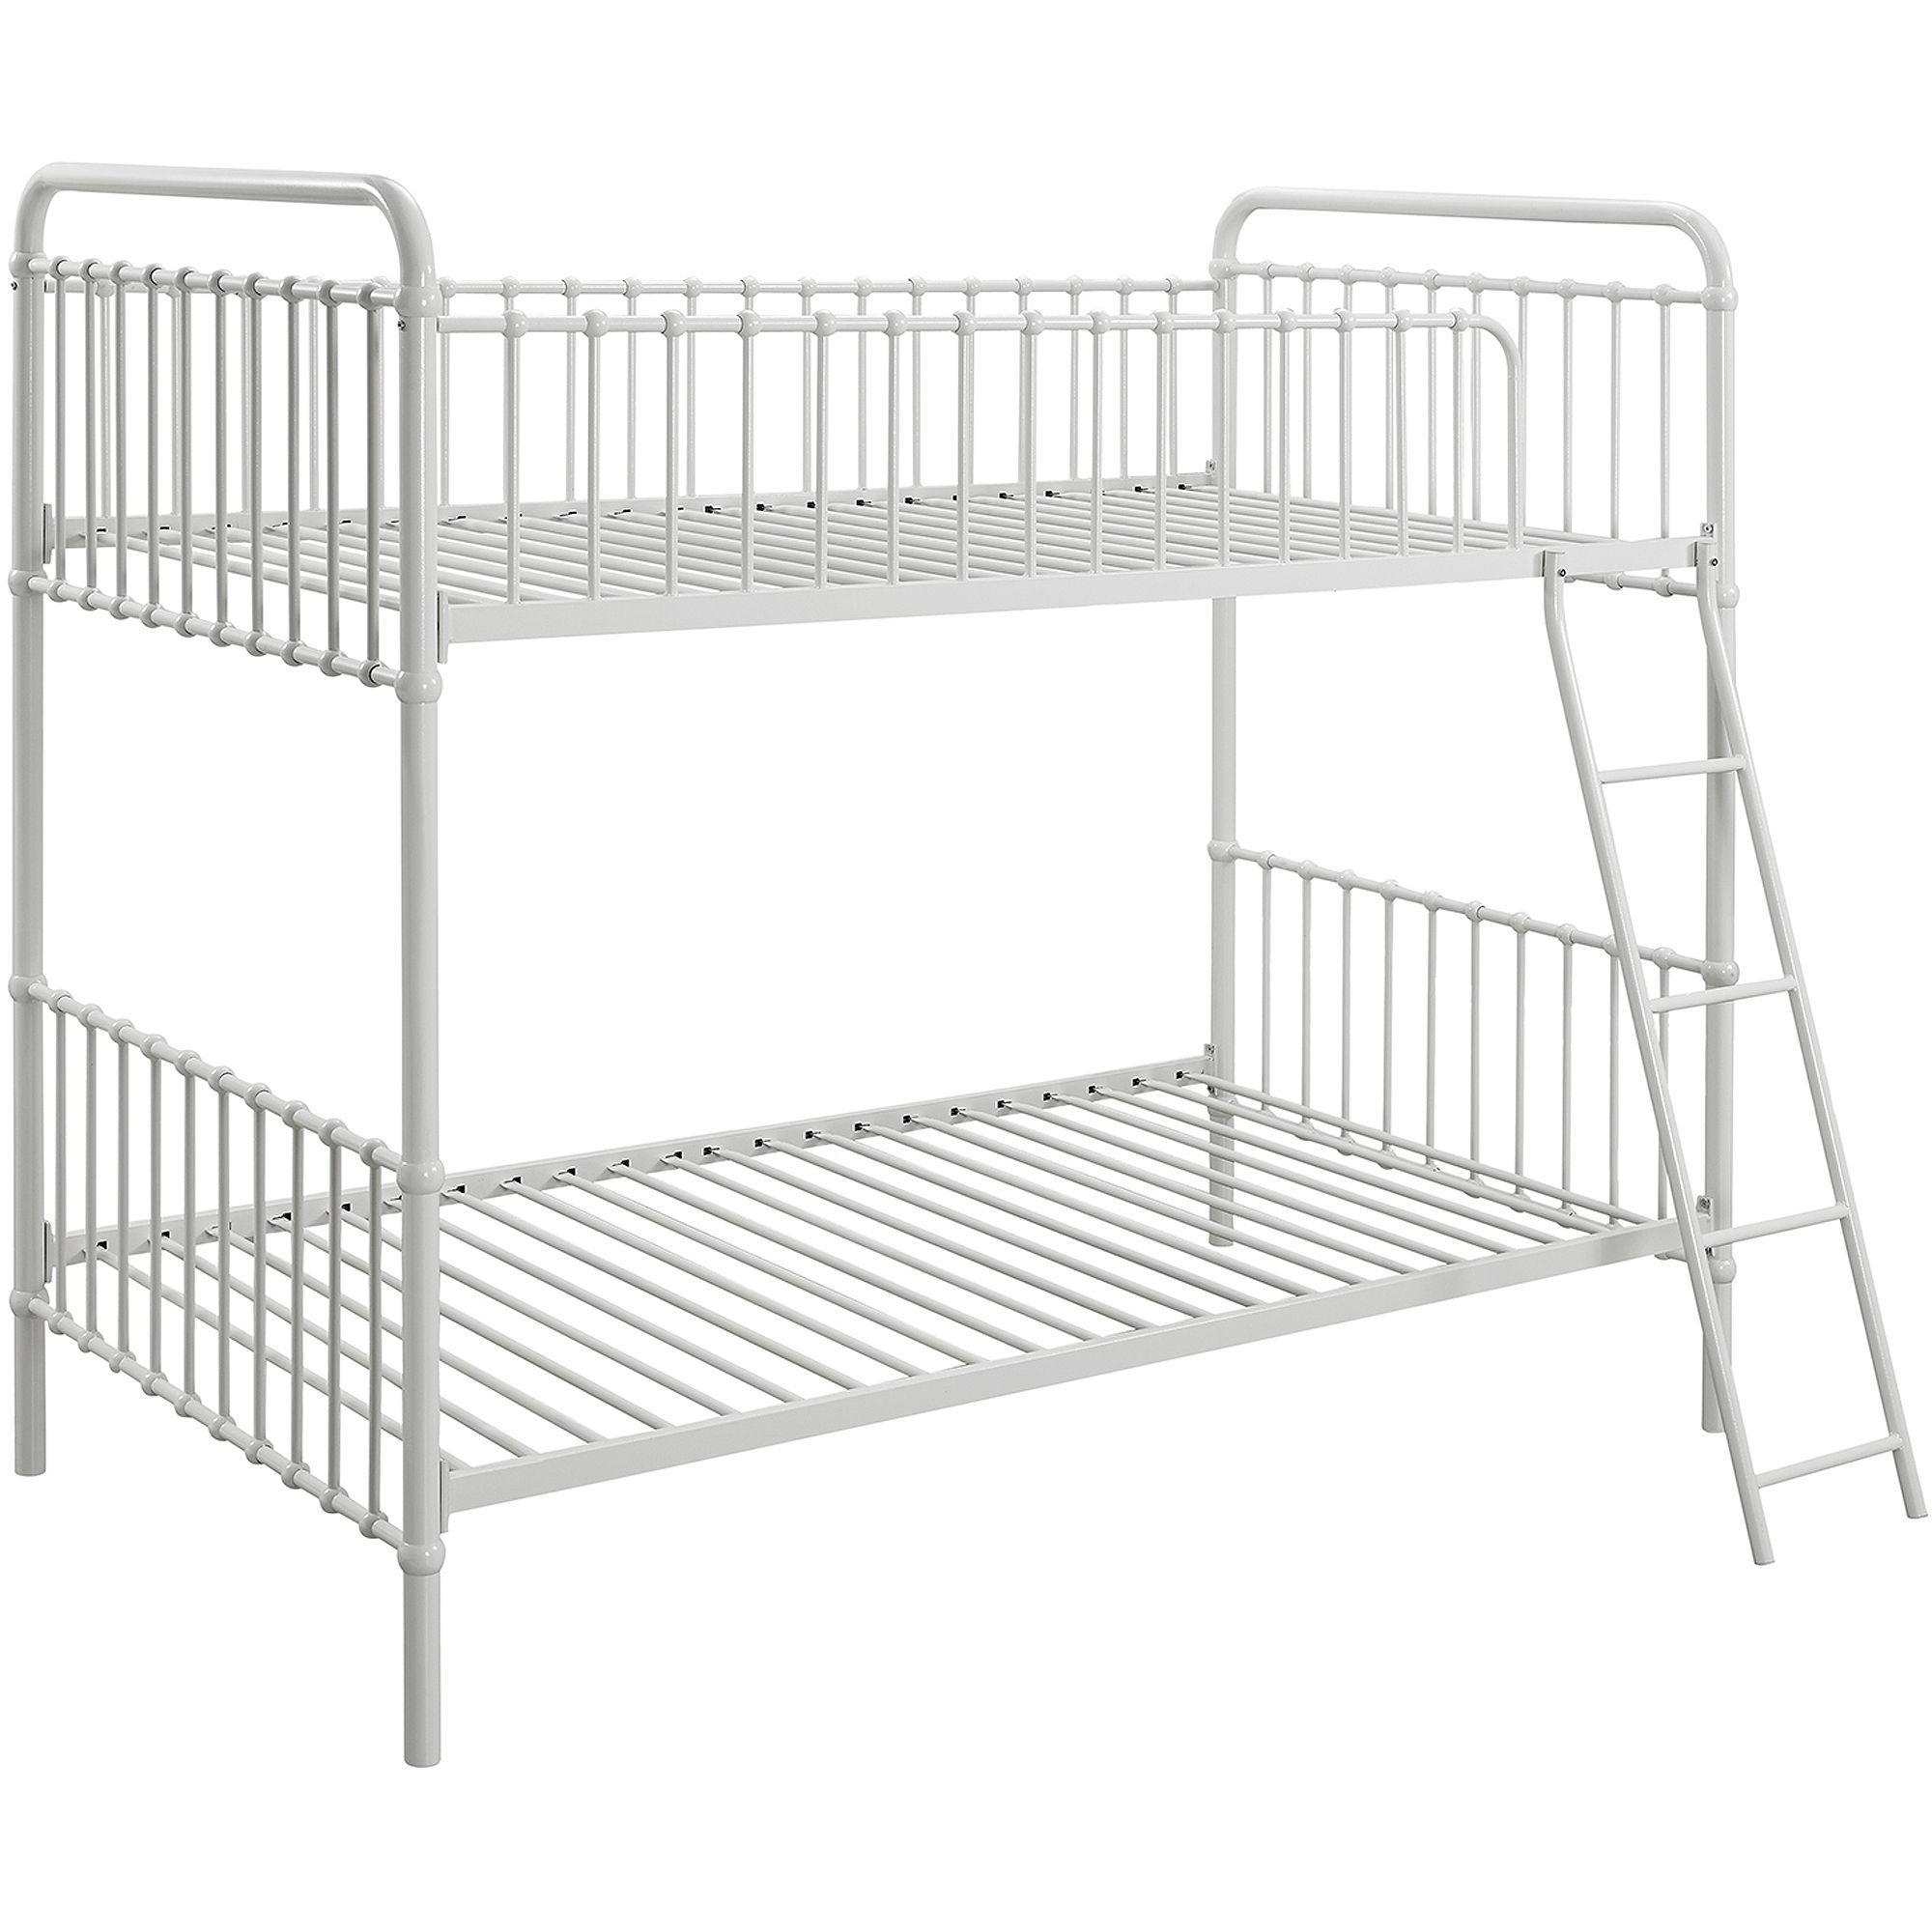 Home Twin bunk beds, Bunk beds, Metal bunk beds